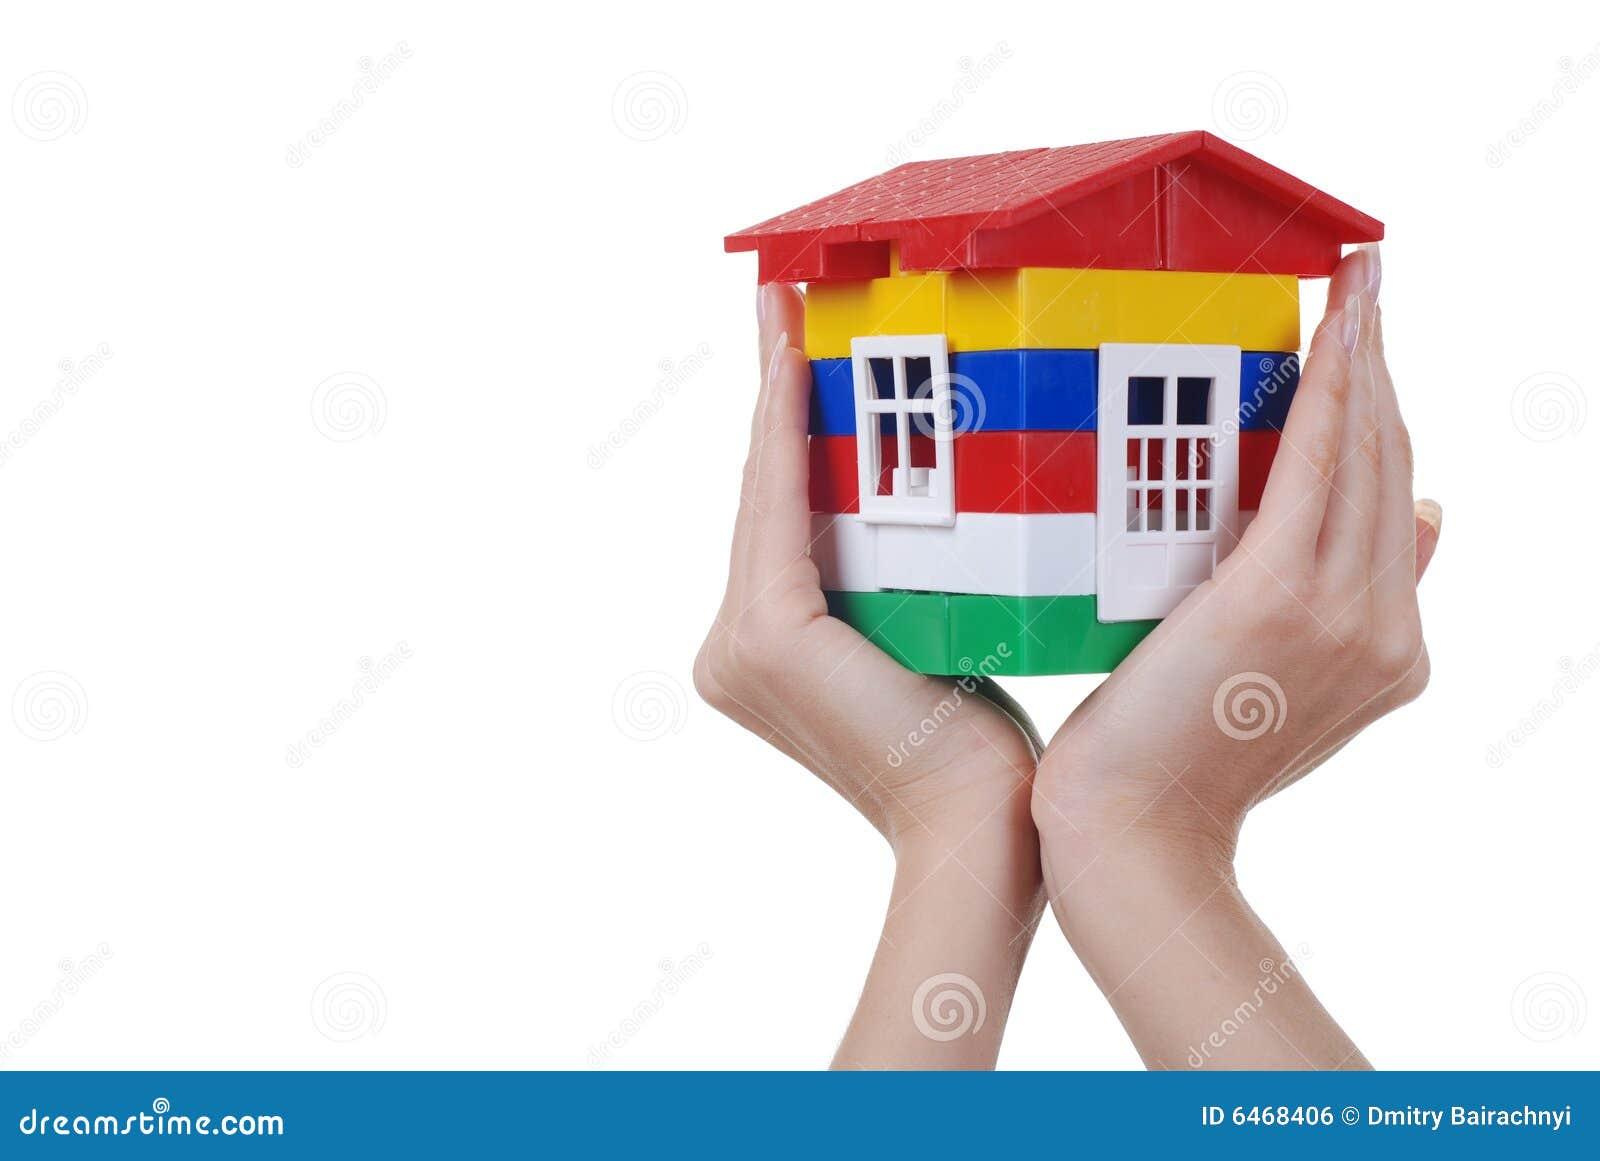 Kolor domu rąk, zabawka